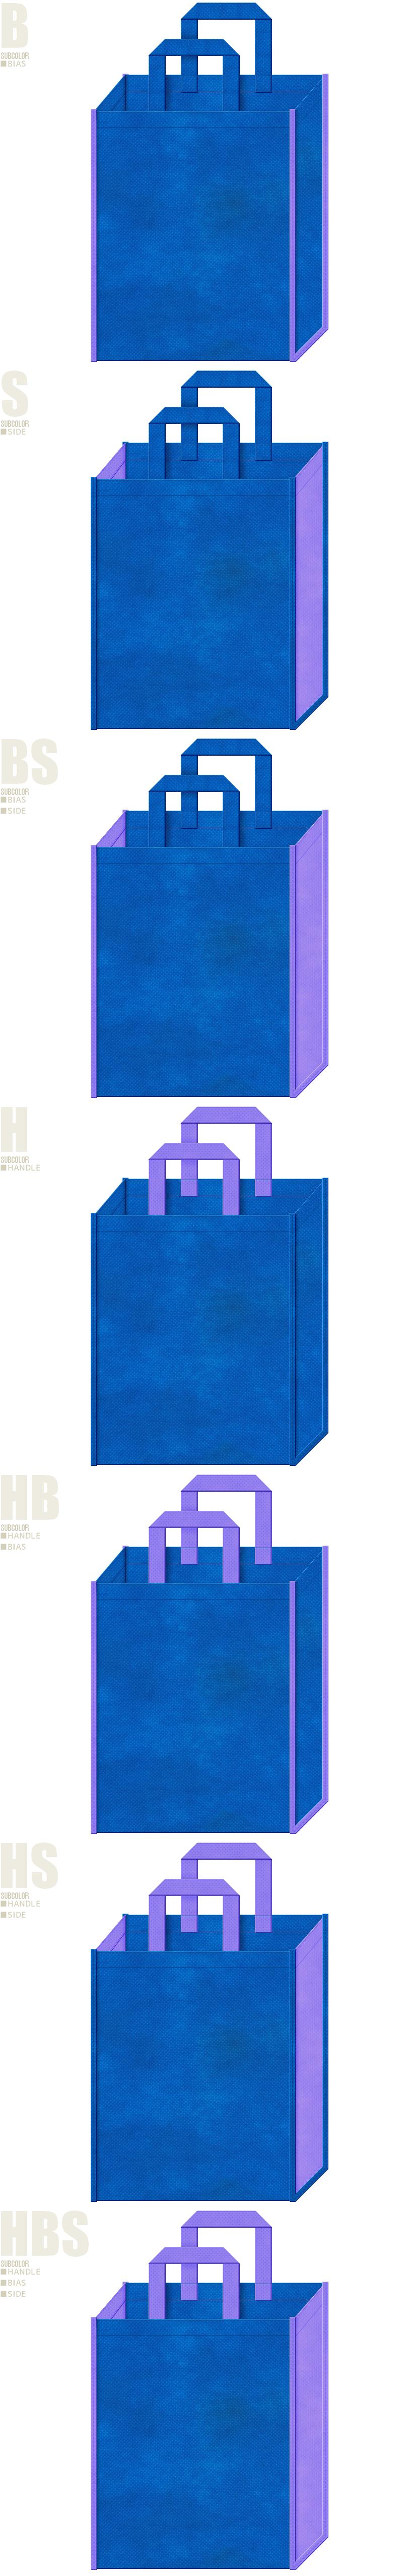 不織布トートバッグのデザイン例-不織布メインカラーNo.22+サブカラーNo.32の2色7パターン